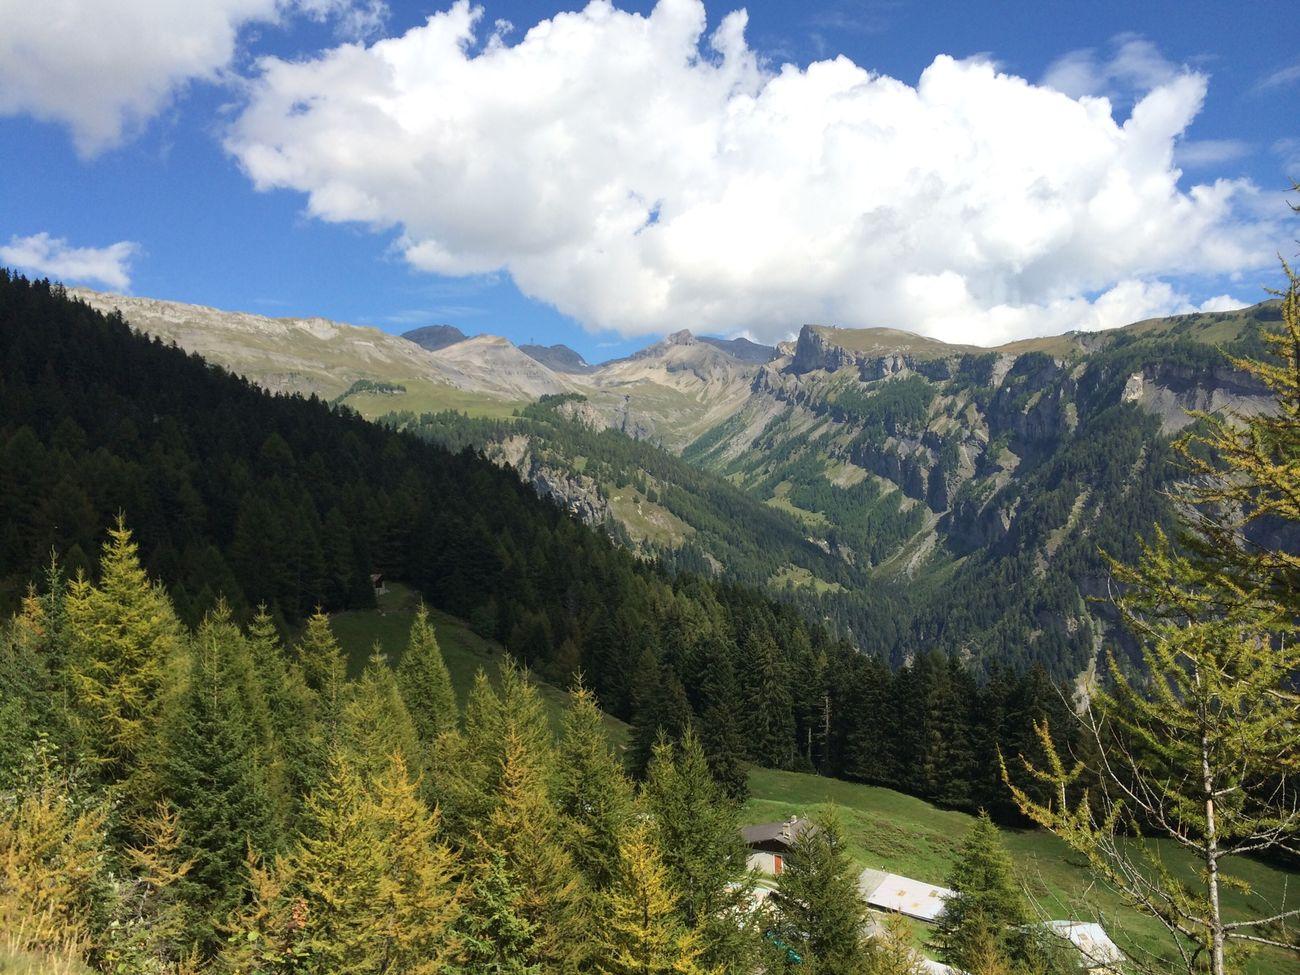 Enjoying Life Mountain Mountain View